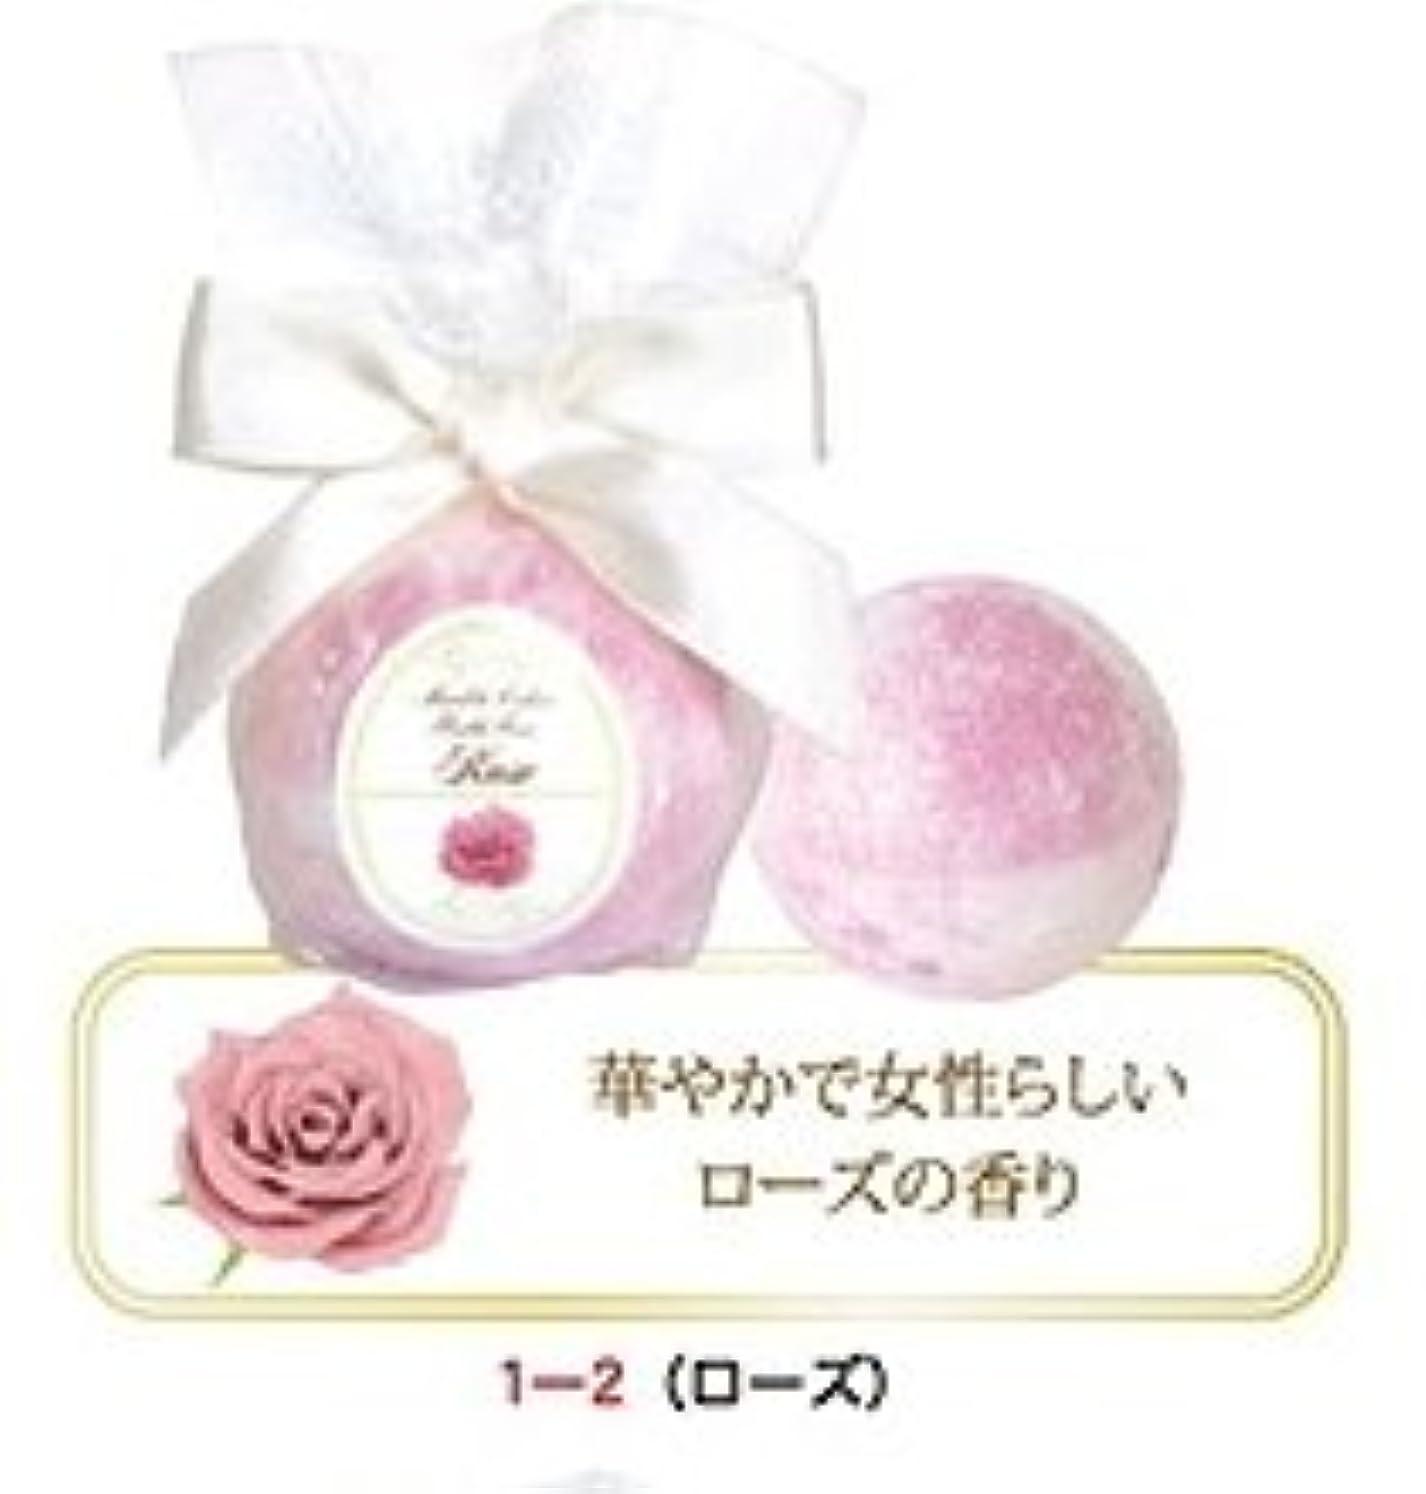 安西植物の優雅なマーブルカラーバスフィズ 6個セット 華やかで女性らしいローズの香り